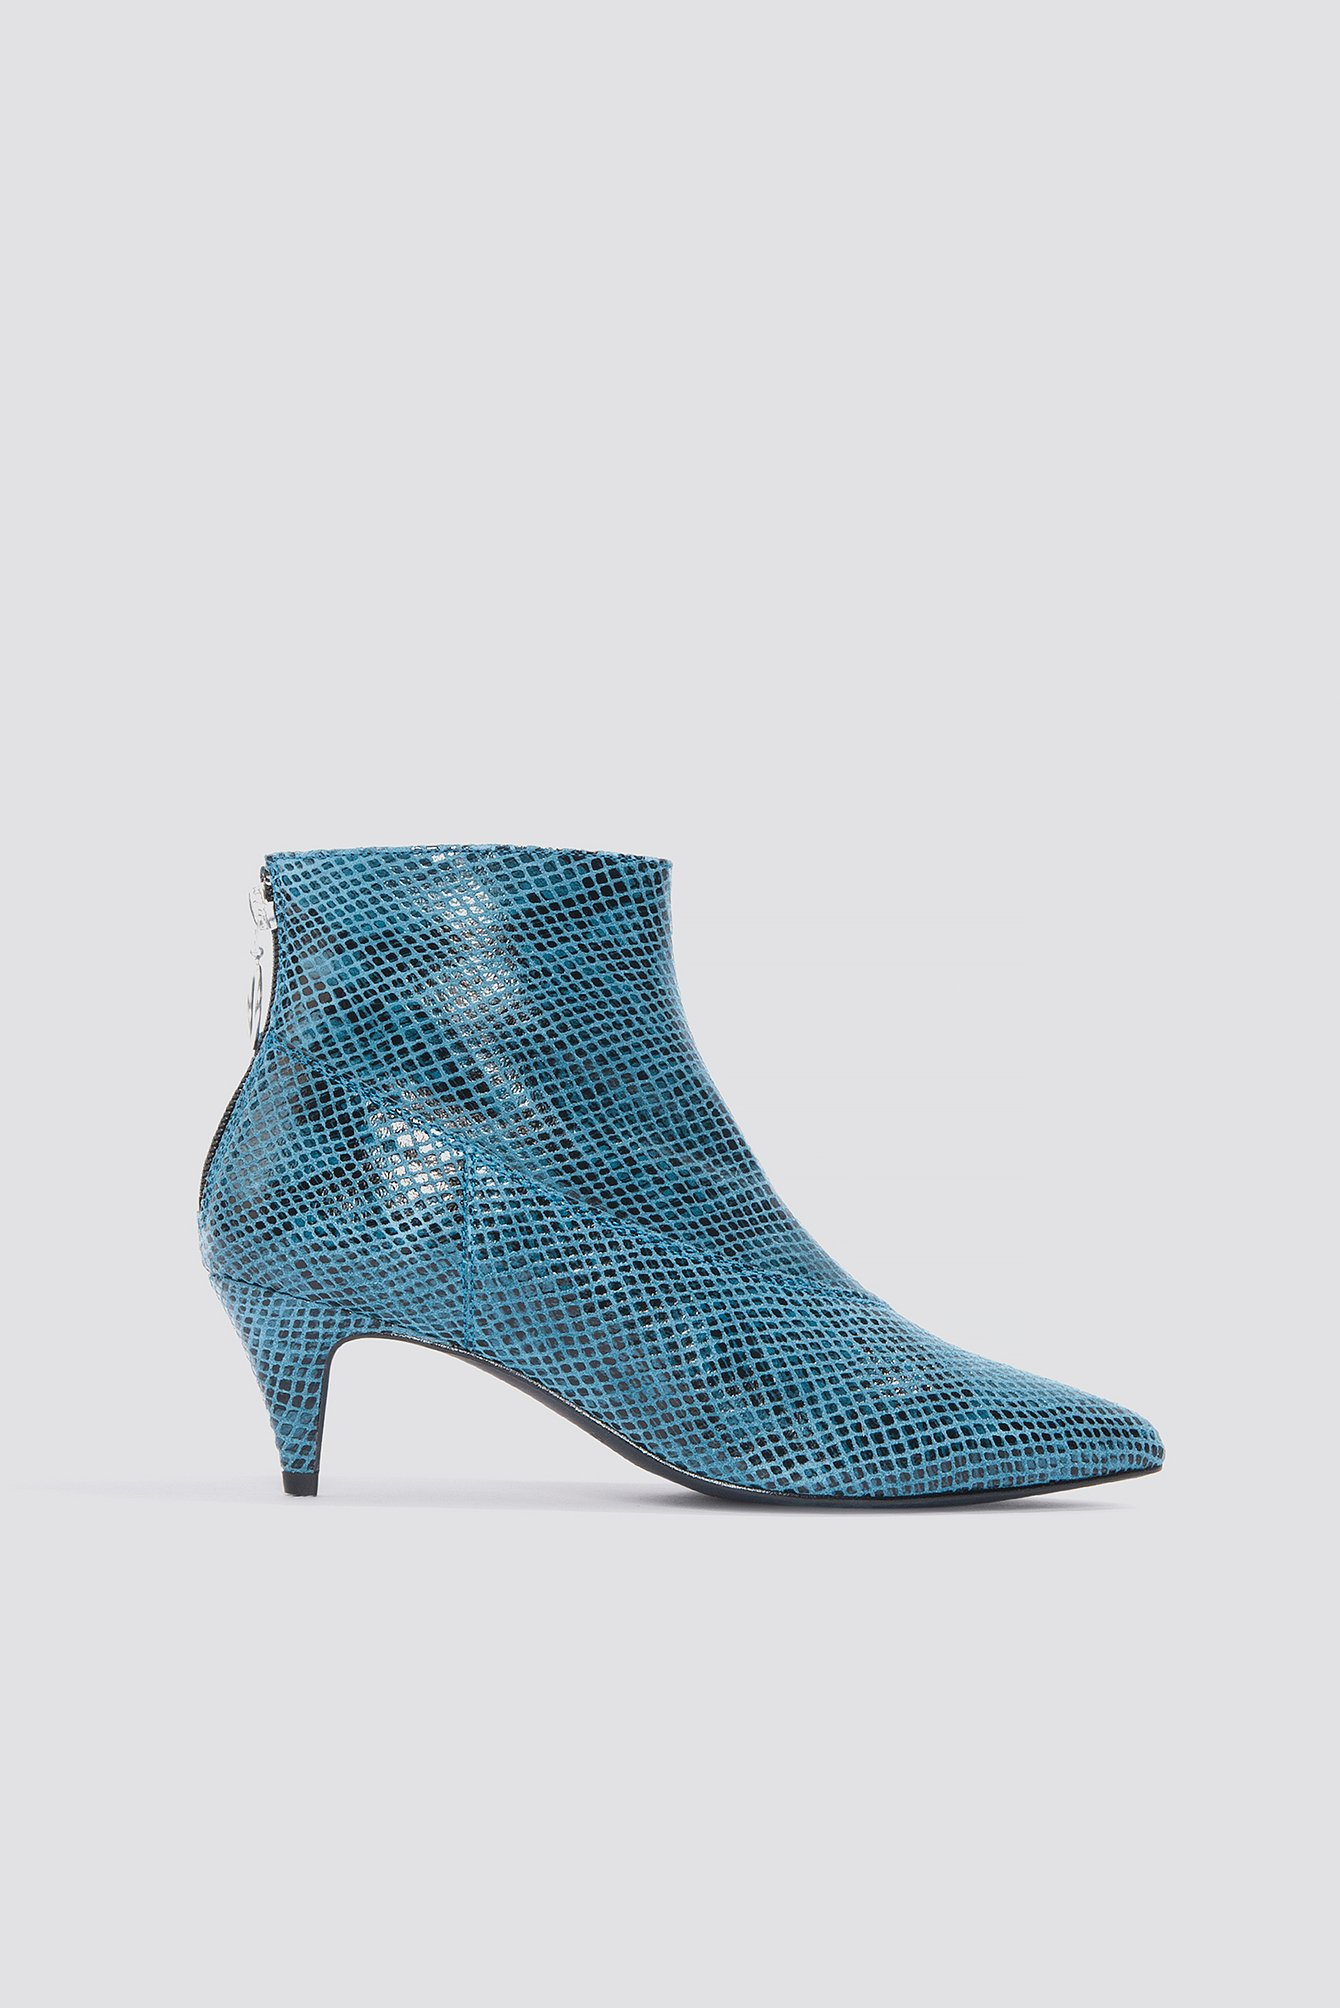 gestuz -  Sheba Snake Boots - Blue